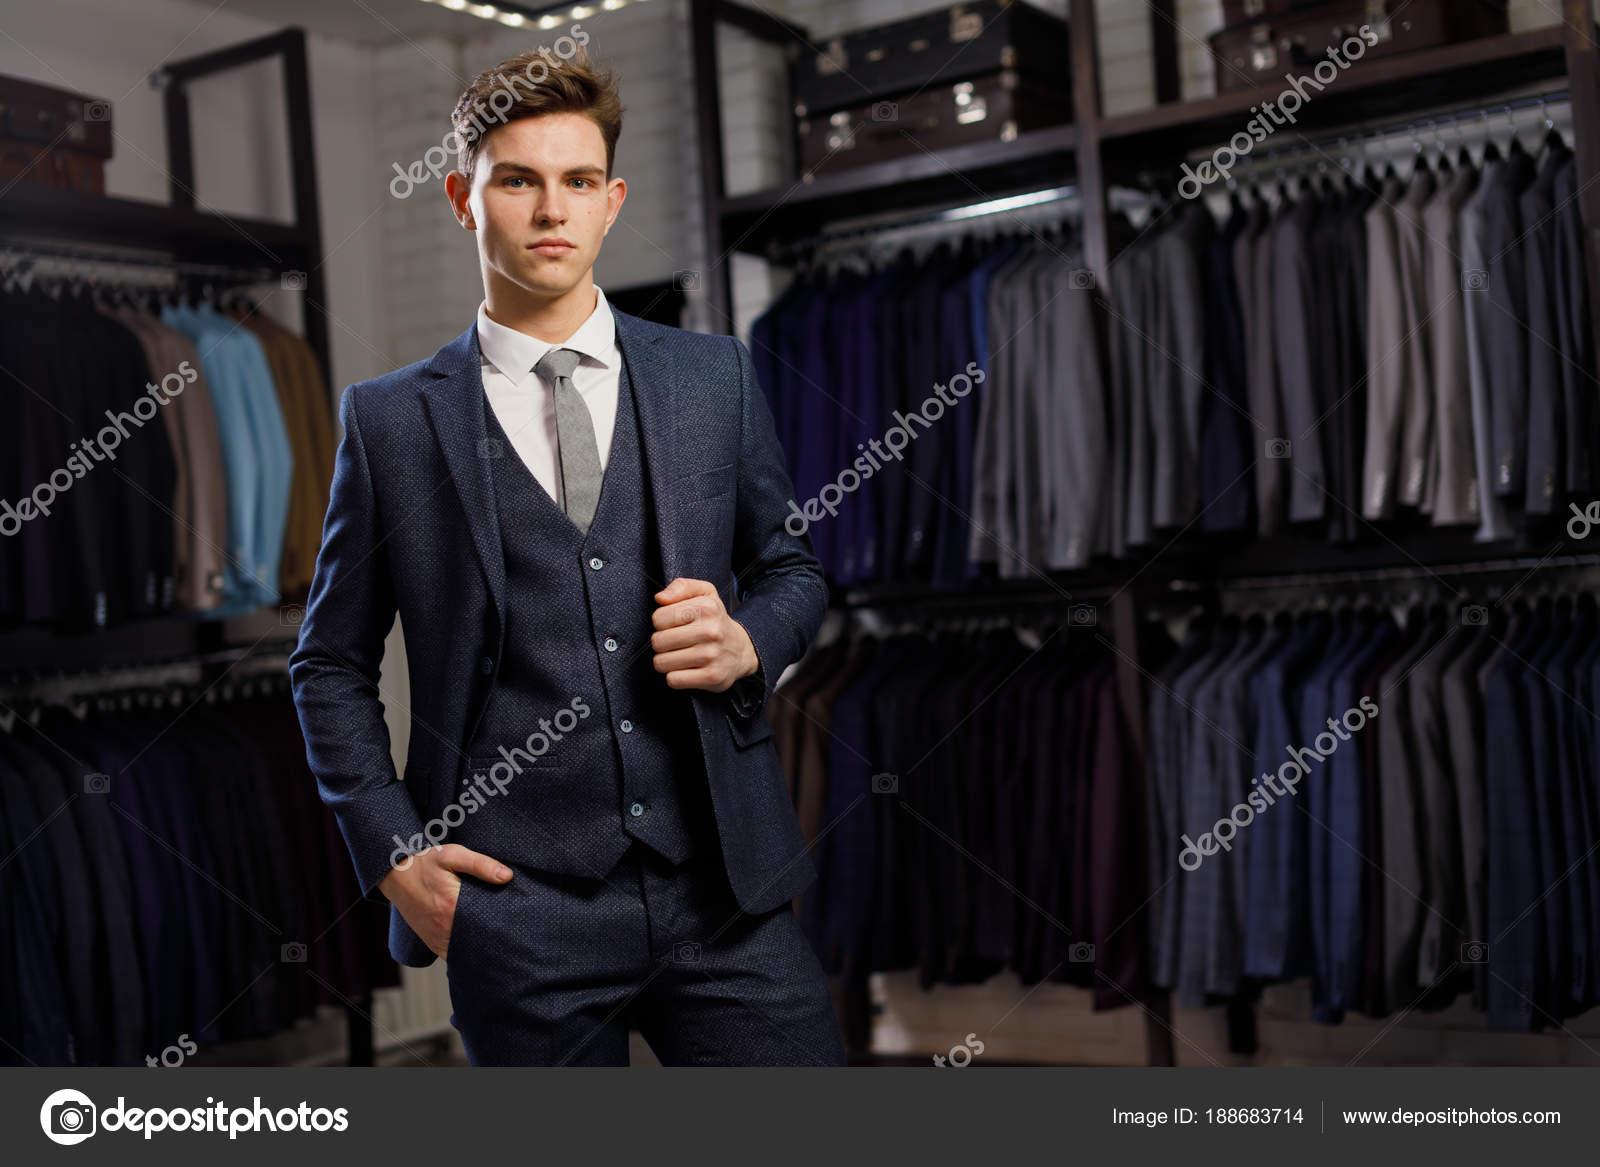 fae7a18003 Eladás, vásárlás, divat, stílus és az emberek koncepció - elegáns  fiatalember választotta és megpróbálja kabát mall vagy ruházati üzlet —  Fotó szerzőtől ...